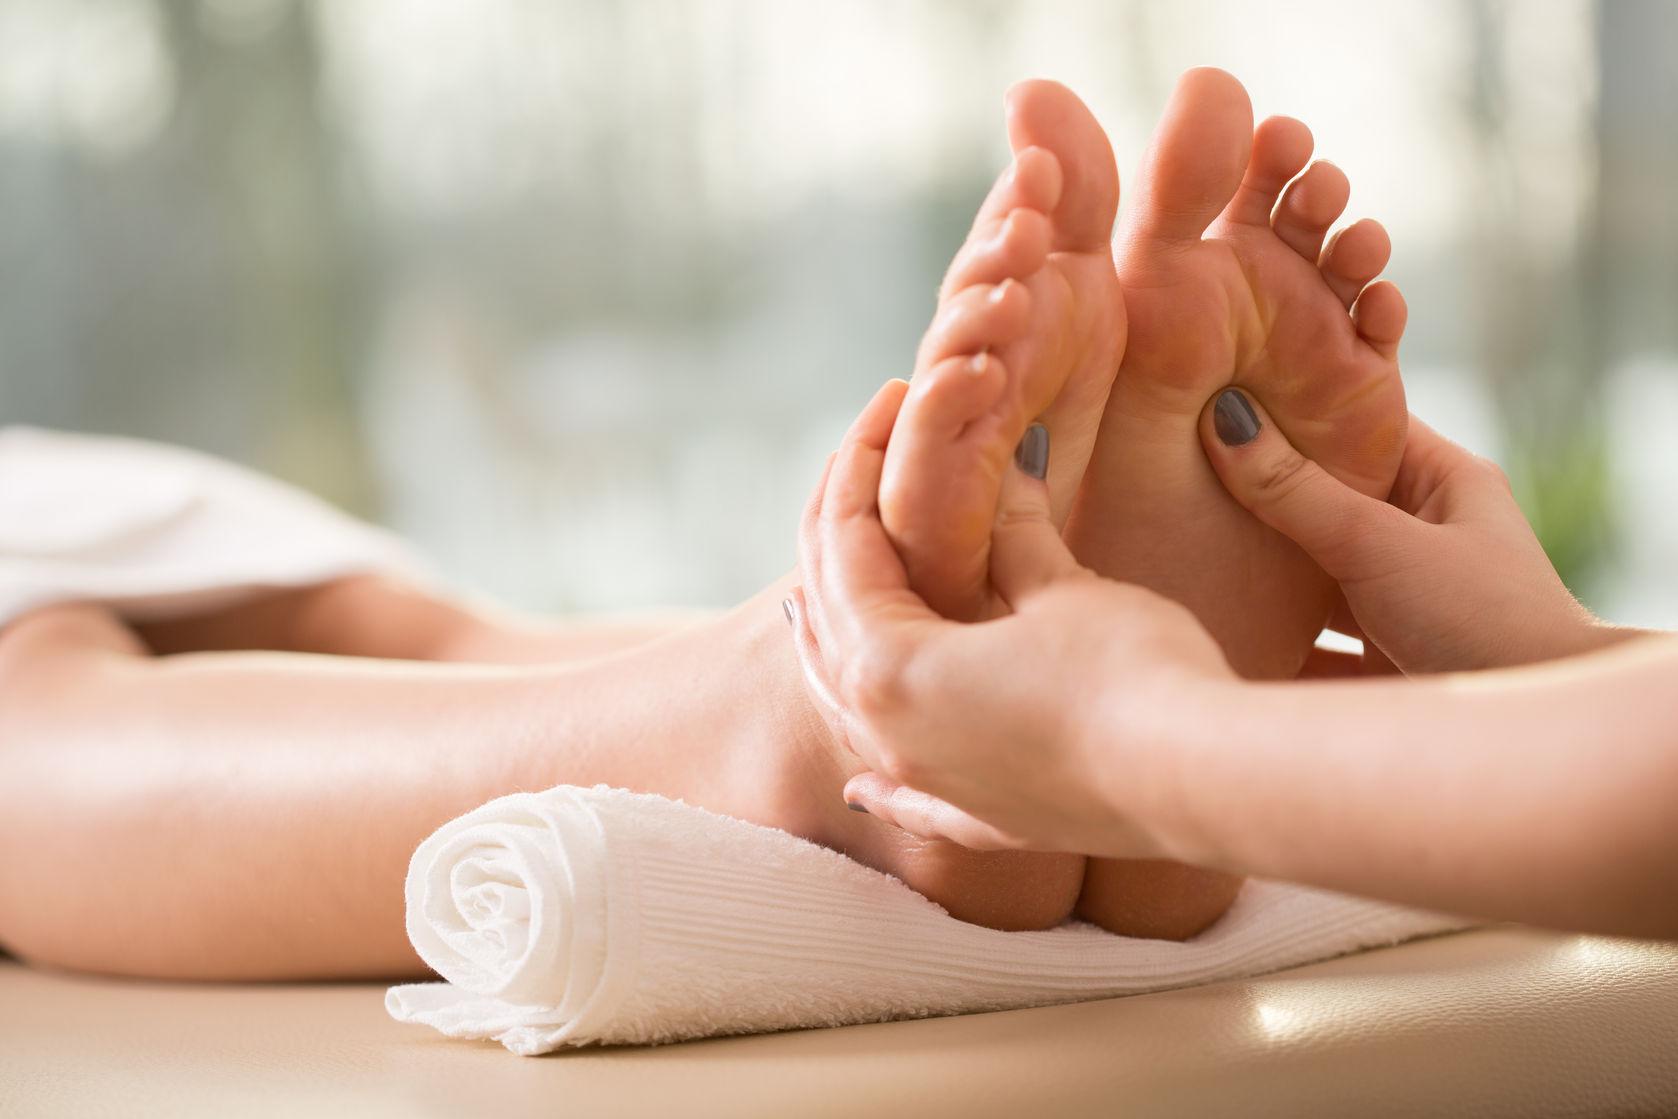 40342848-close-up-of-young-woman-having-reflexology-stock-photo-reflexology-feet-massage